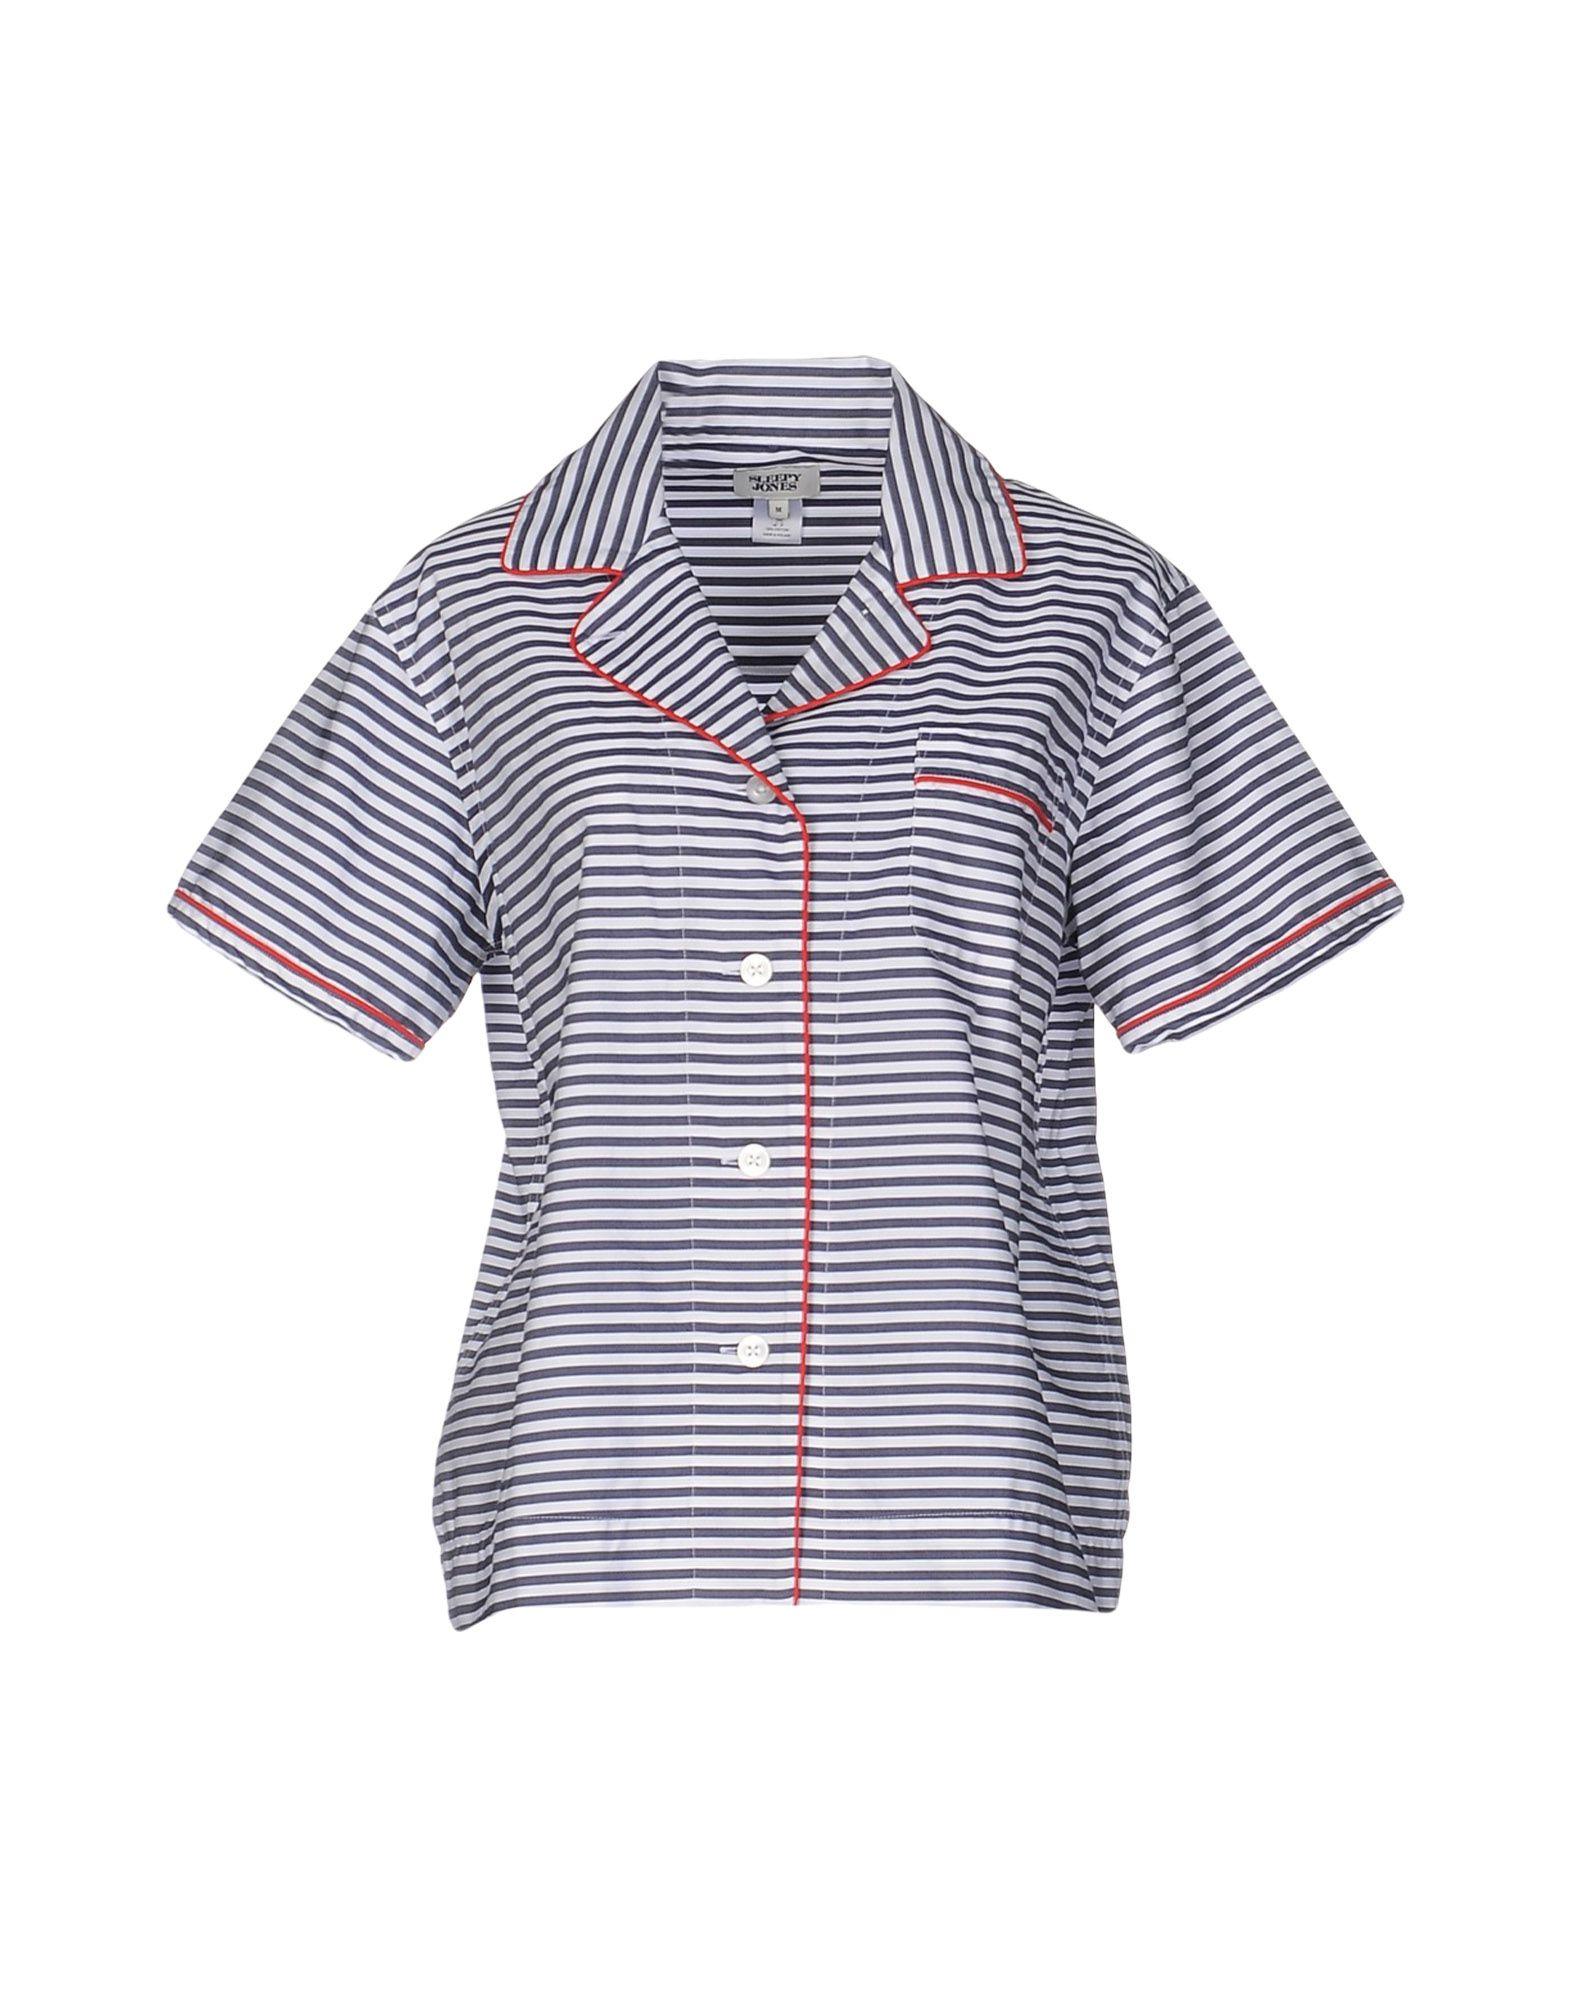 SLEEPY JONES Ночная рубашка ночная рубашка с кружевом olala